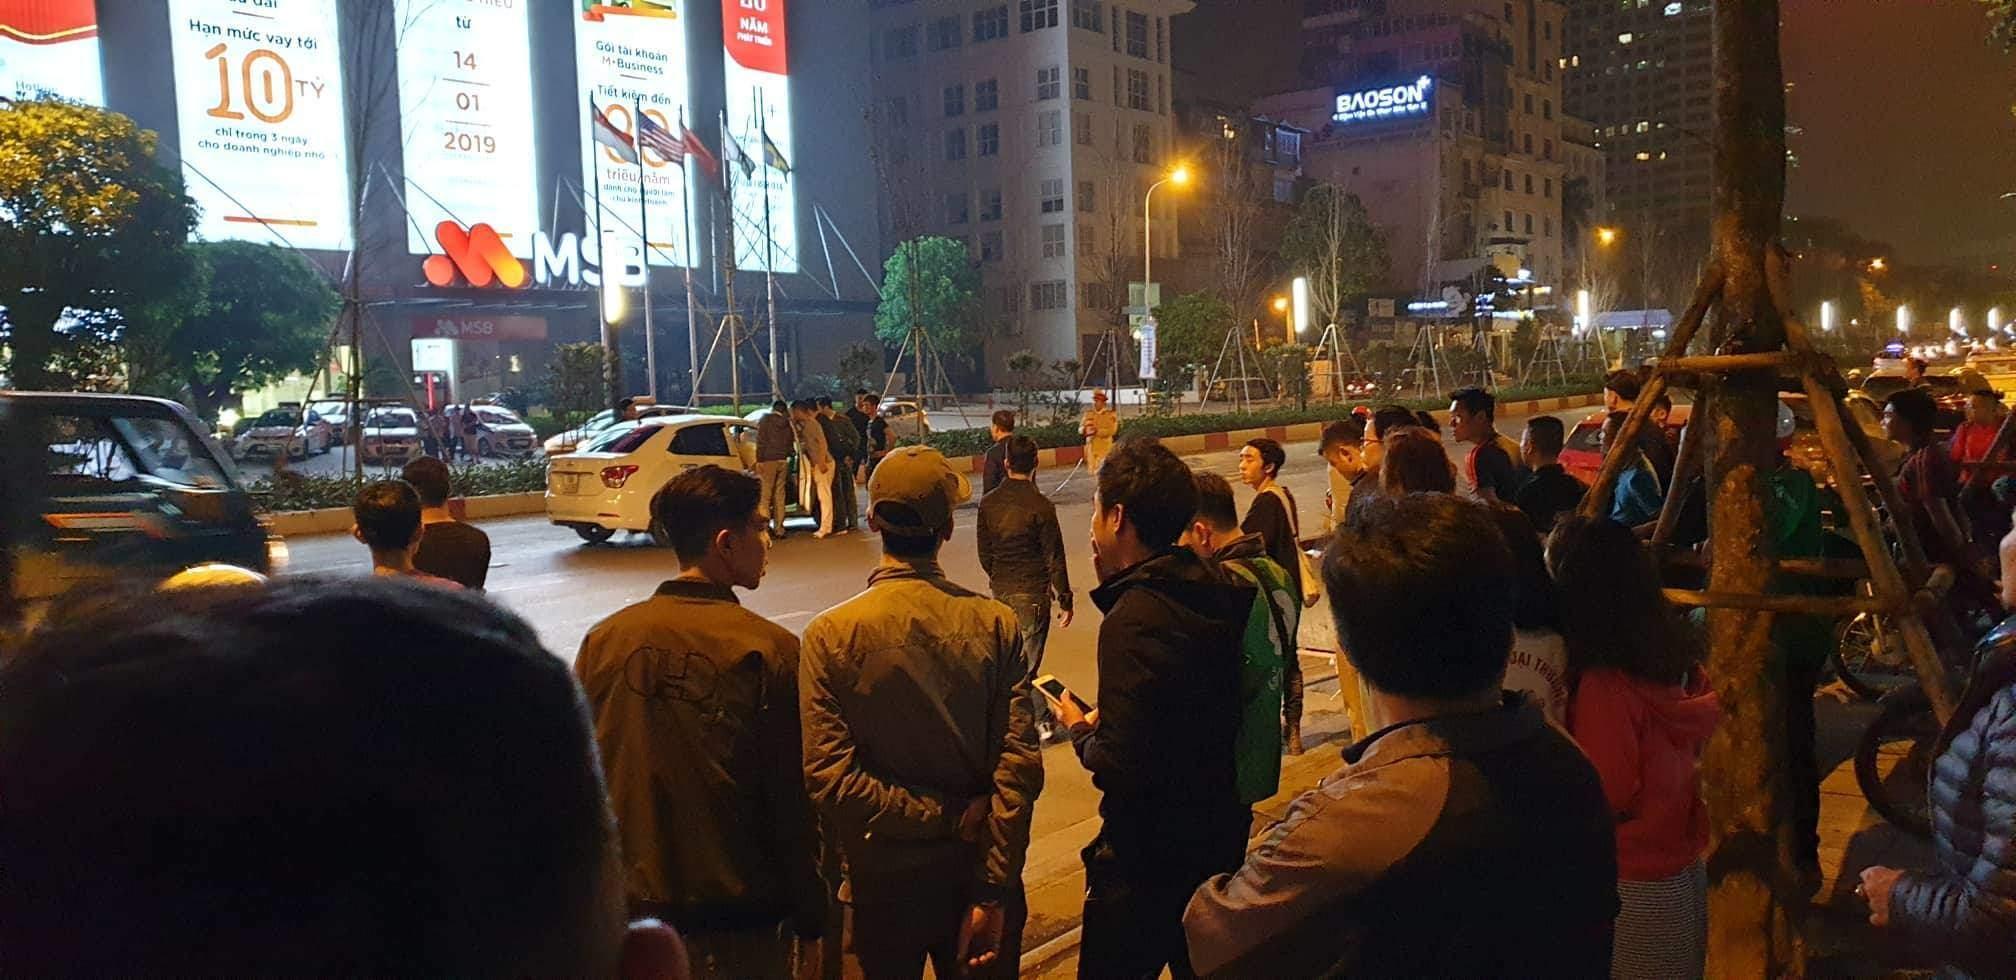 """Nóng 24h qua: Bộ Văn hóa yêu cầu làm rõ thông tin """"gọi vong, báo oán"""" ở chùa Ba Vàng - 5"""